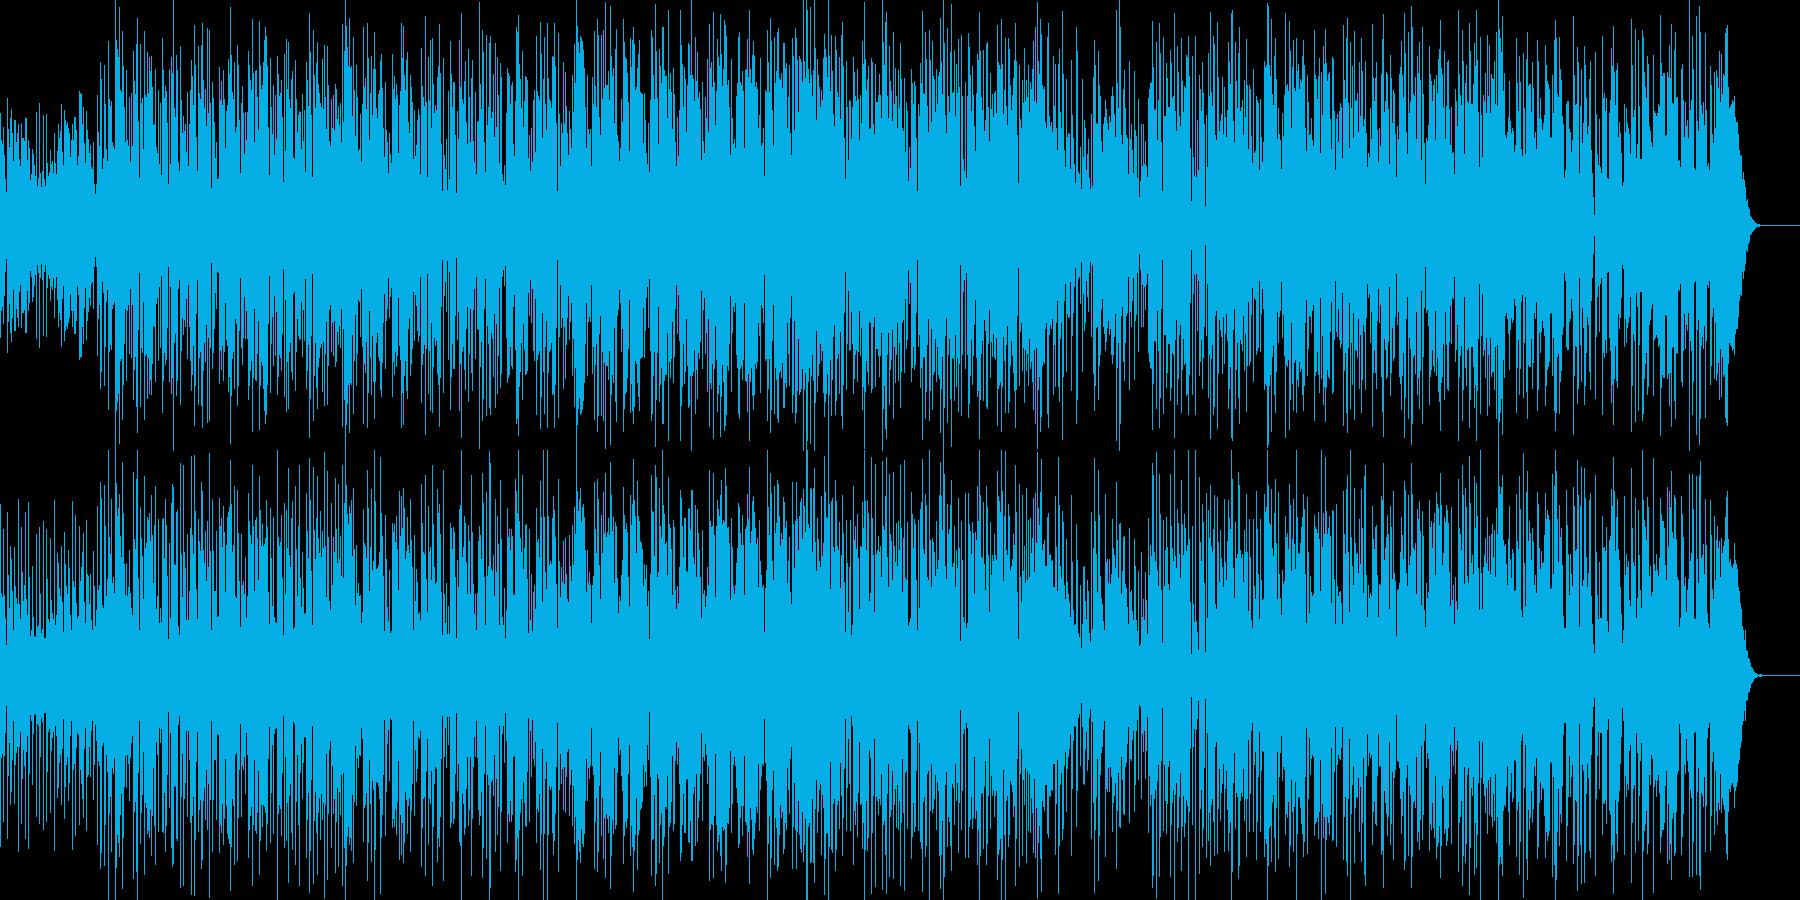 軽快なリズムに怪しげな人声サンプリング曲の再生済みの波形